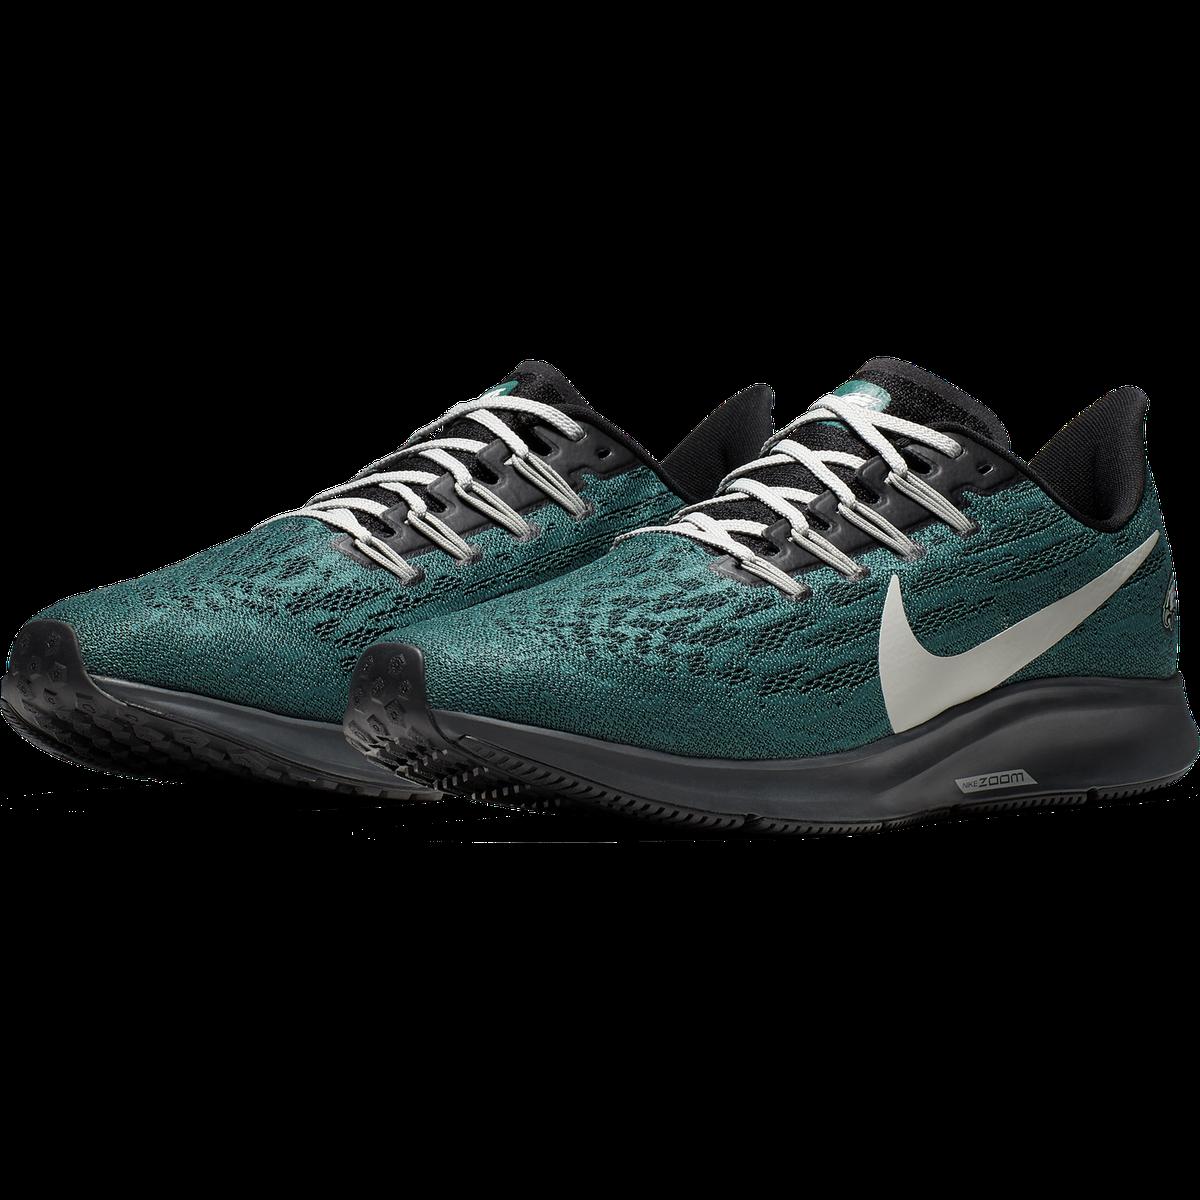 économiser 0d67a 5b045 Nike drops the new Air Zoom Pegasus 36 Eagles shoe ...